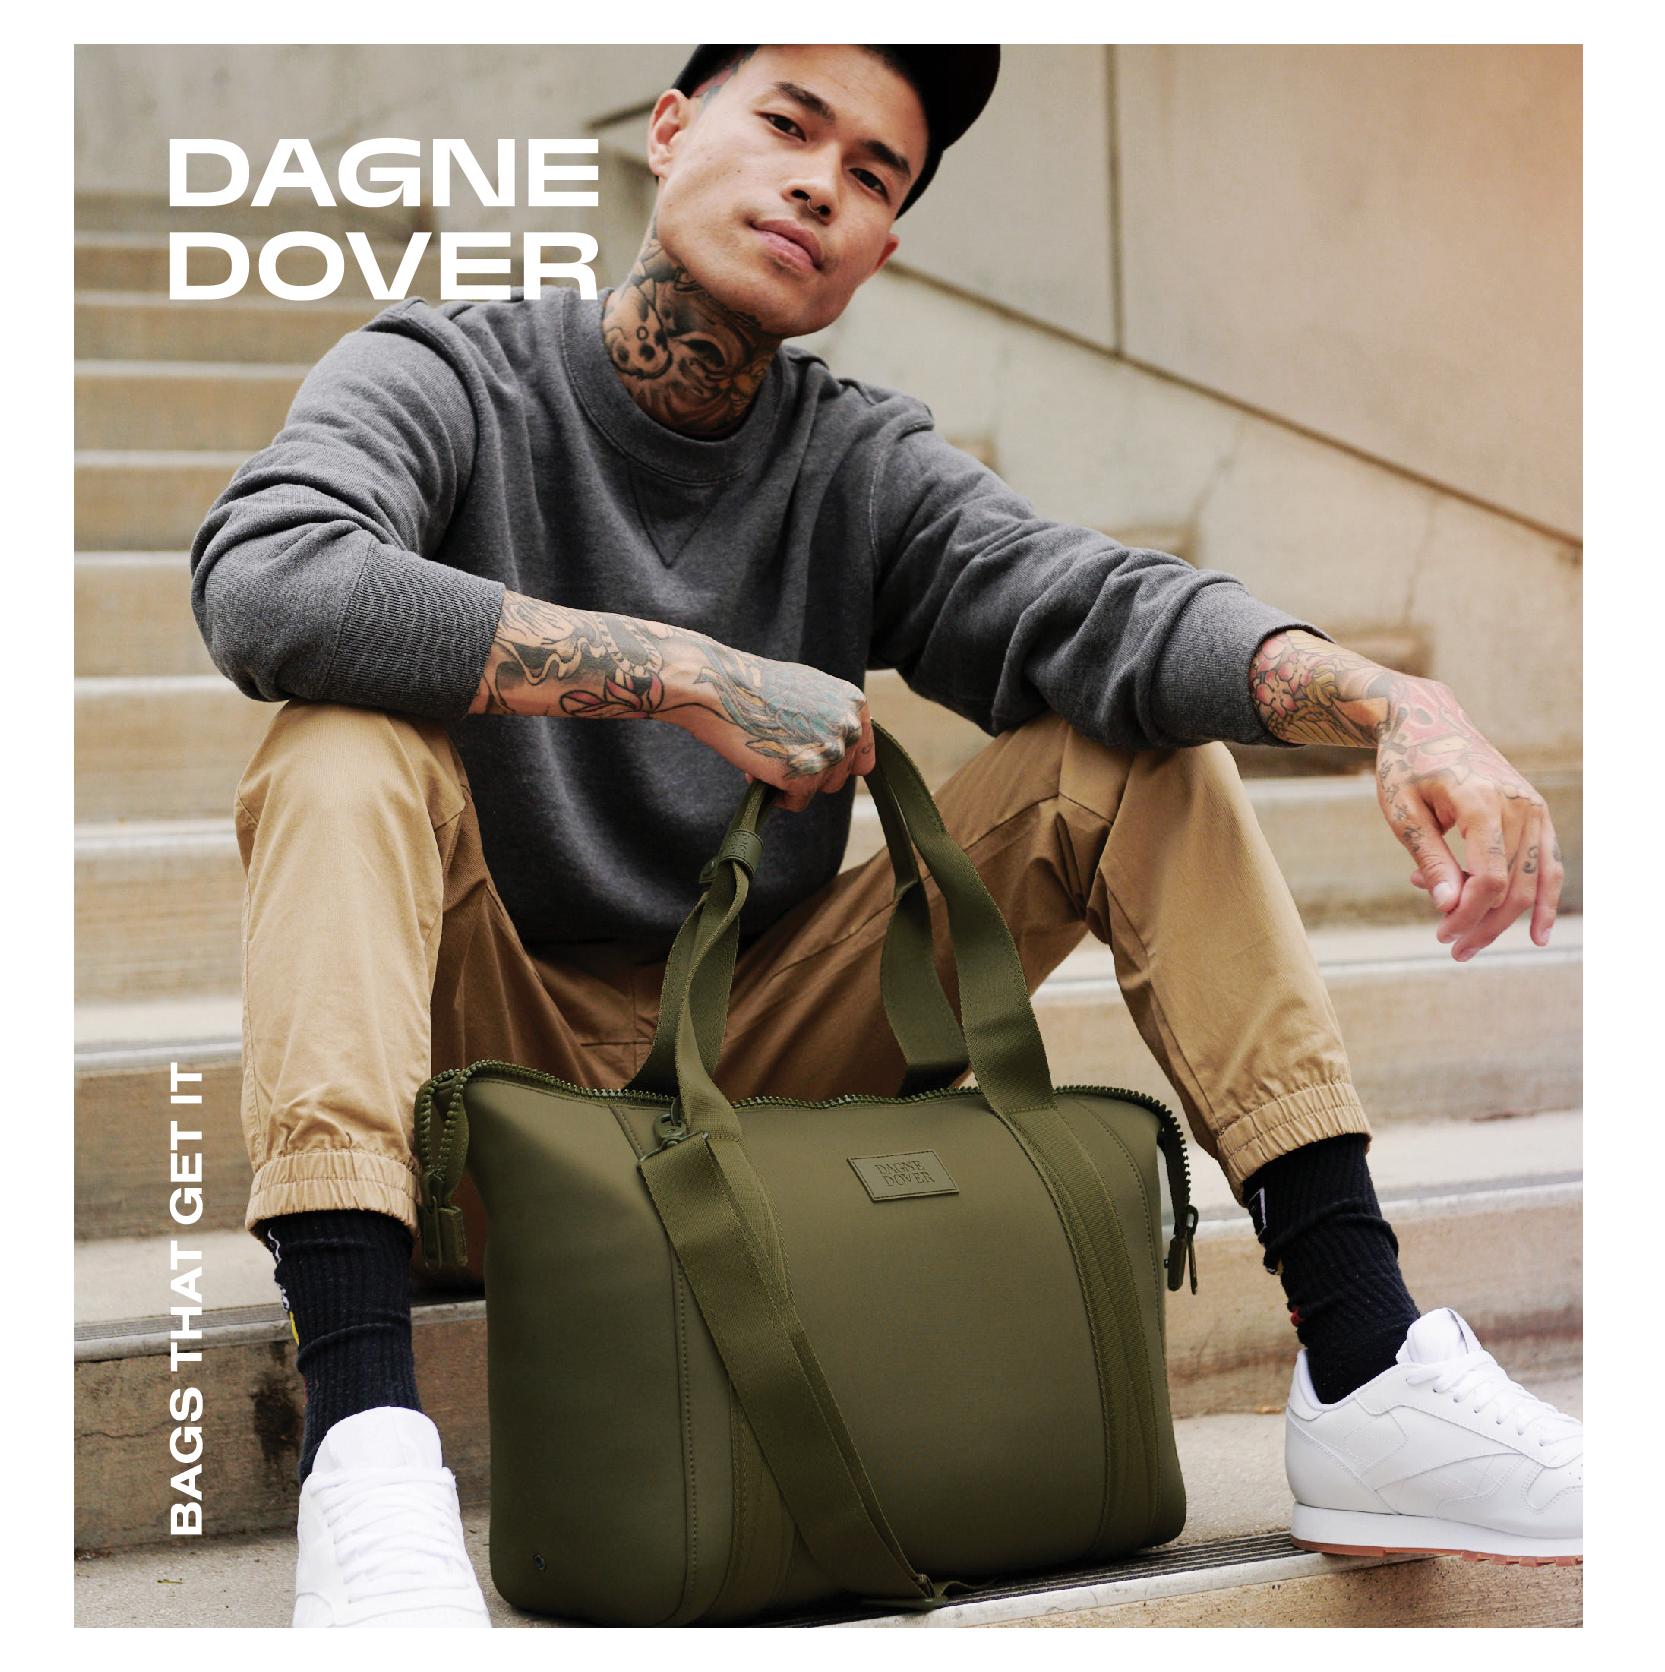 DagneDover-TroisMille-07.png